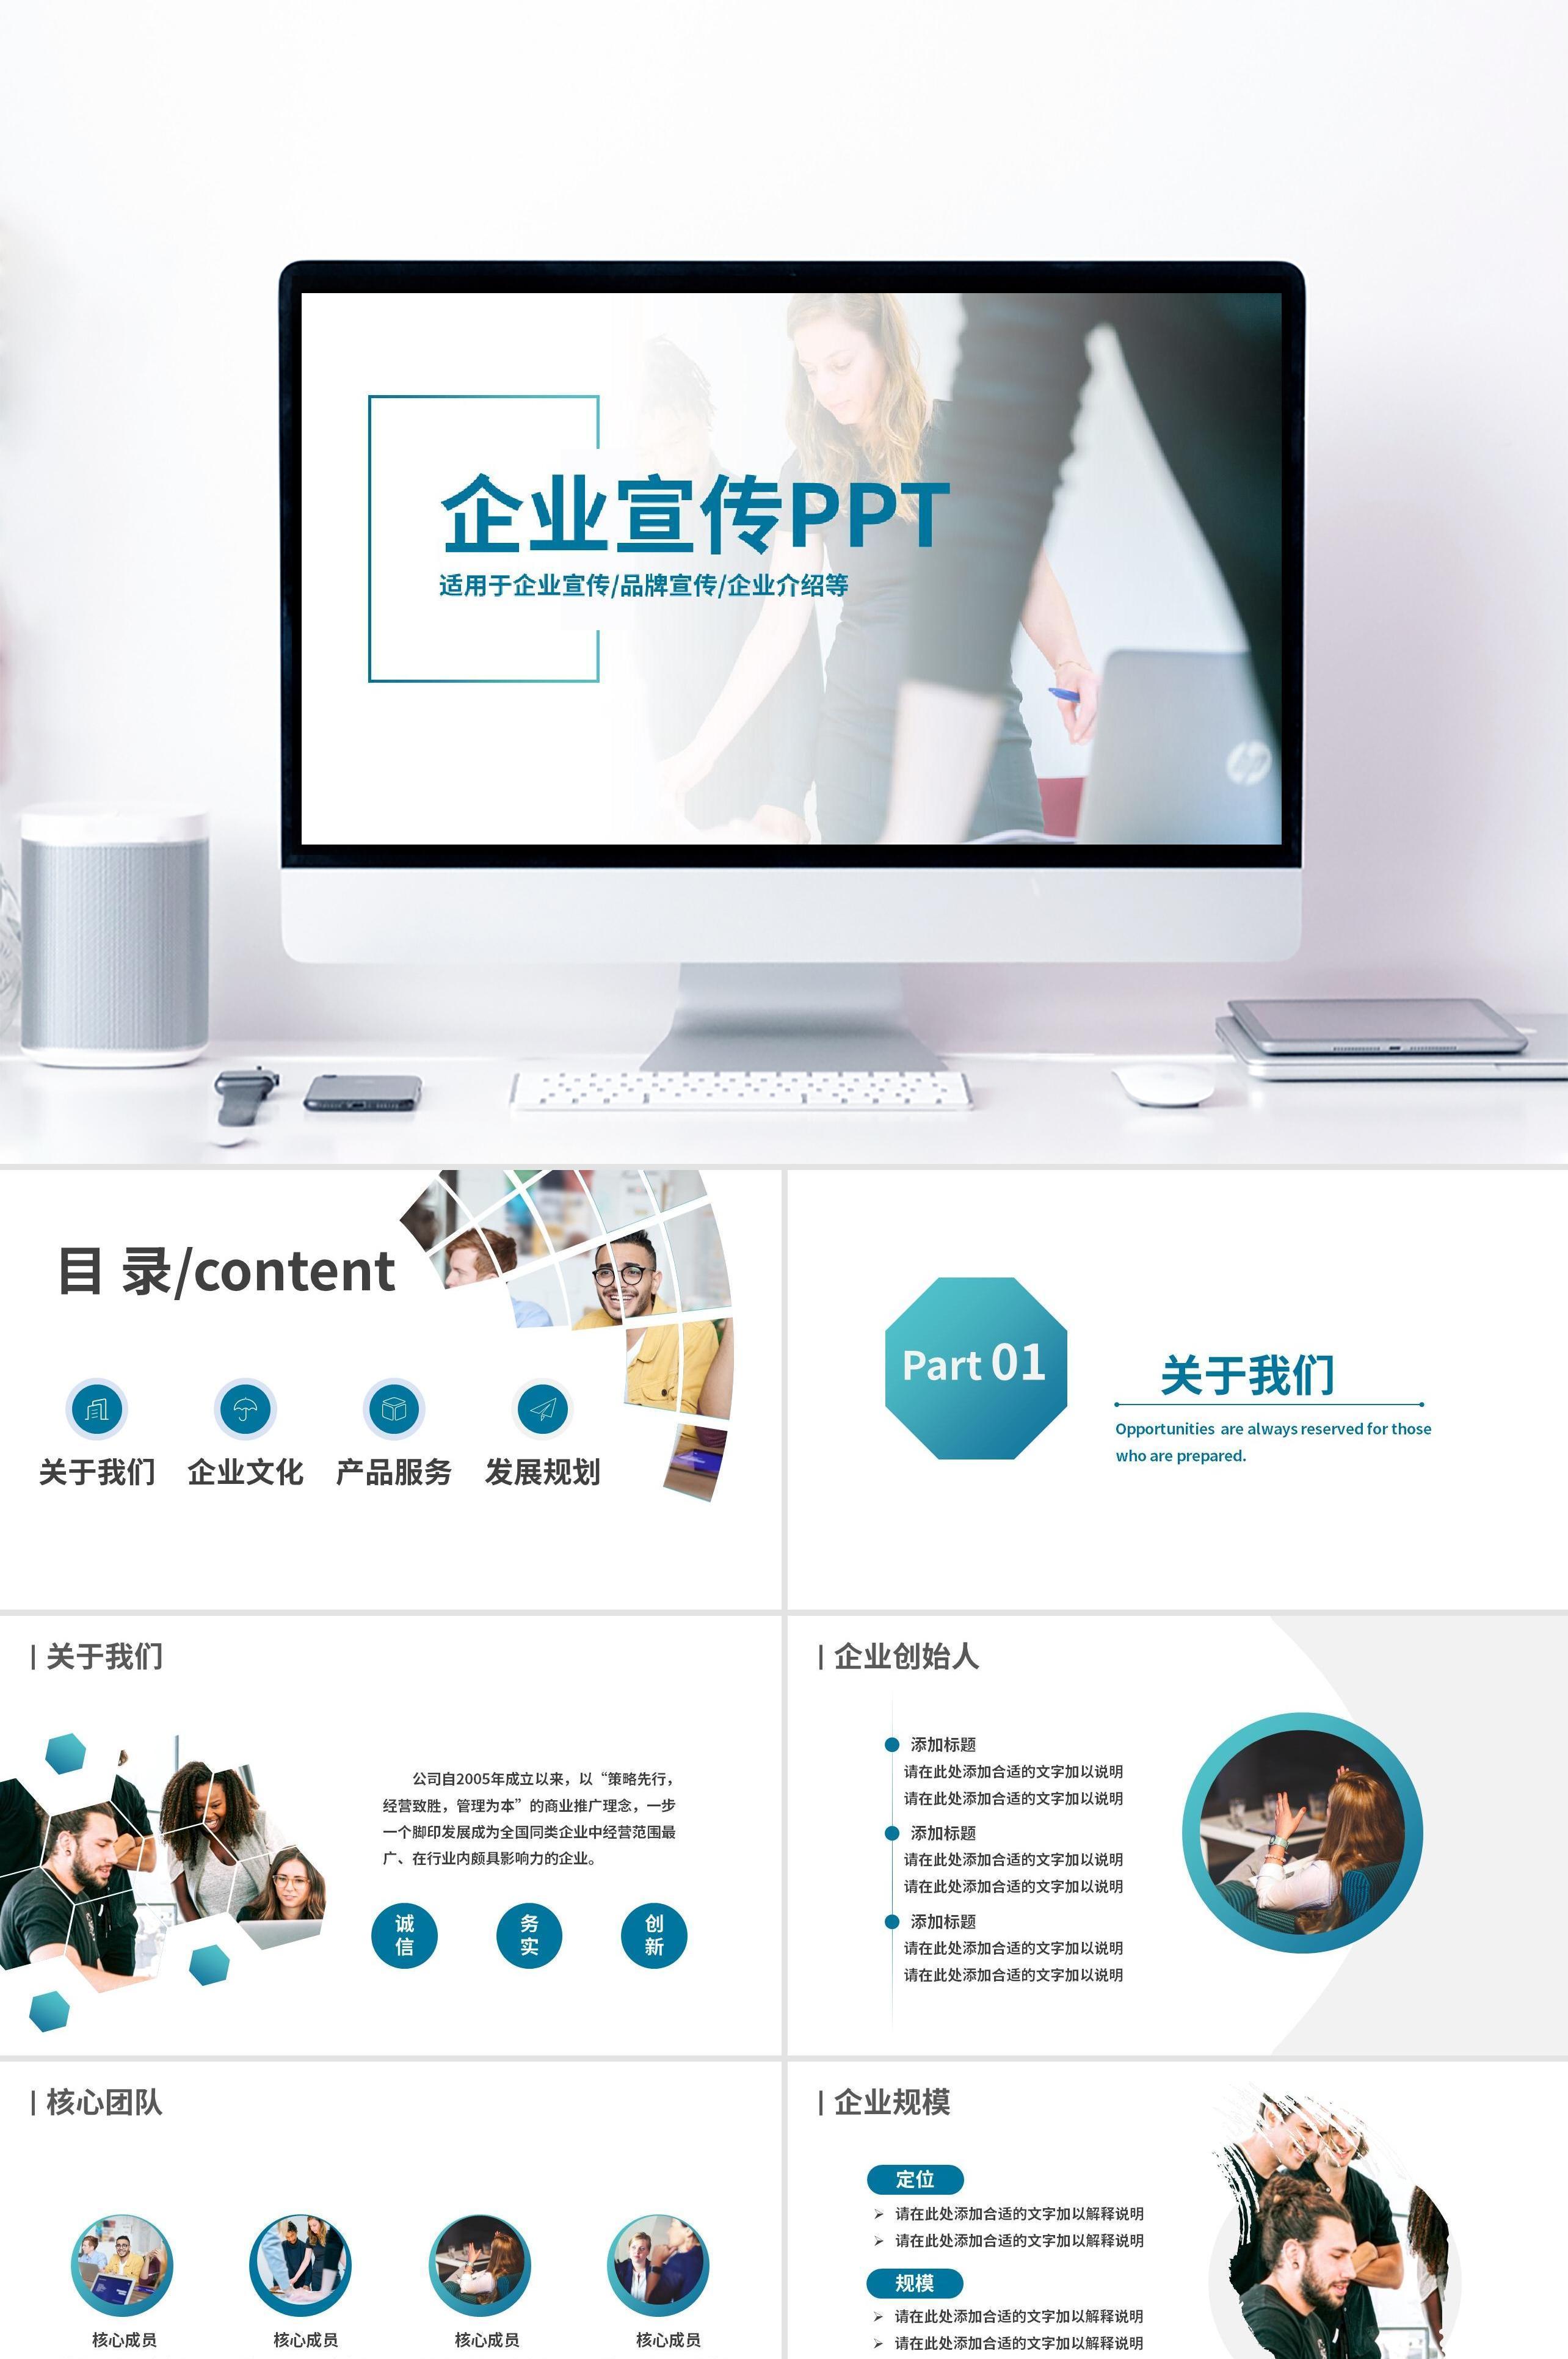 蓝色商务风企业宣传公司简介PPT模板